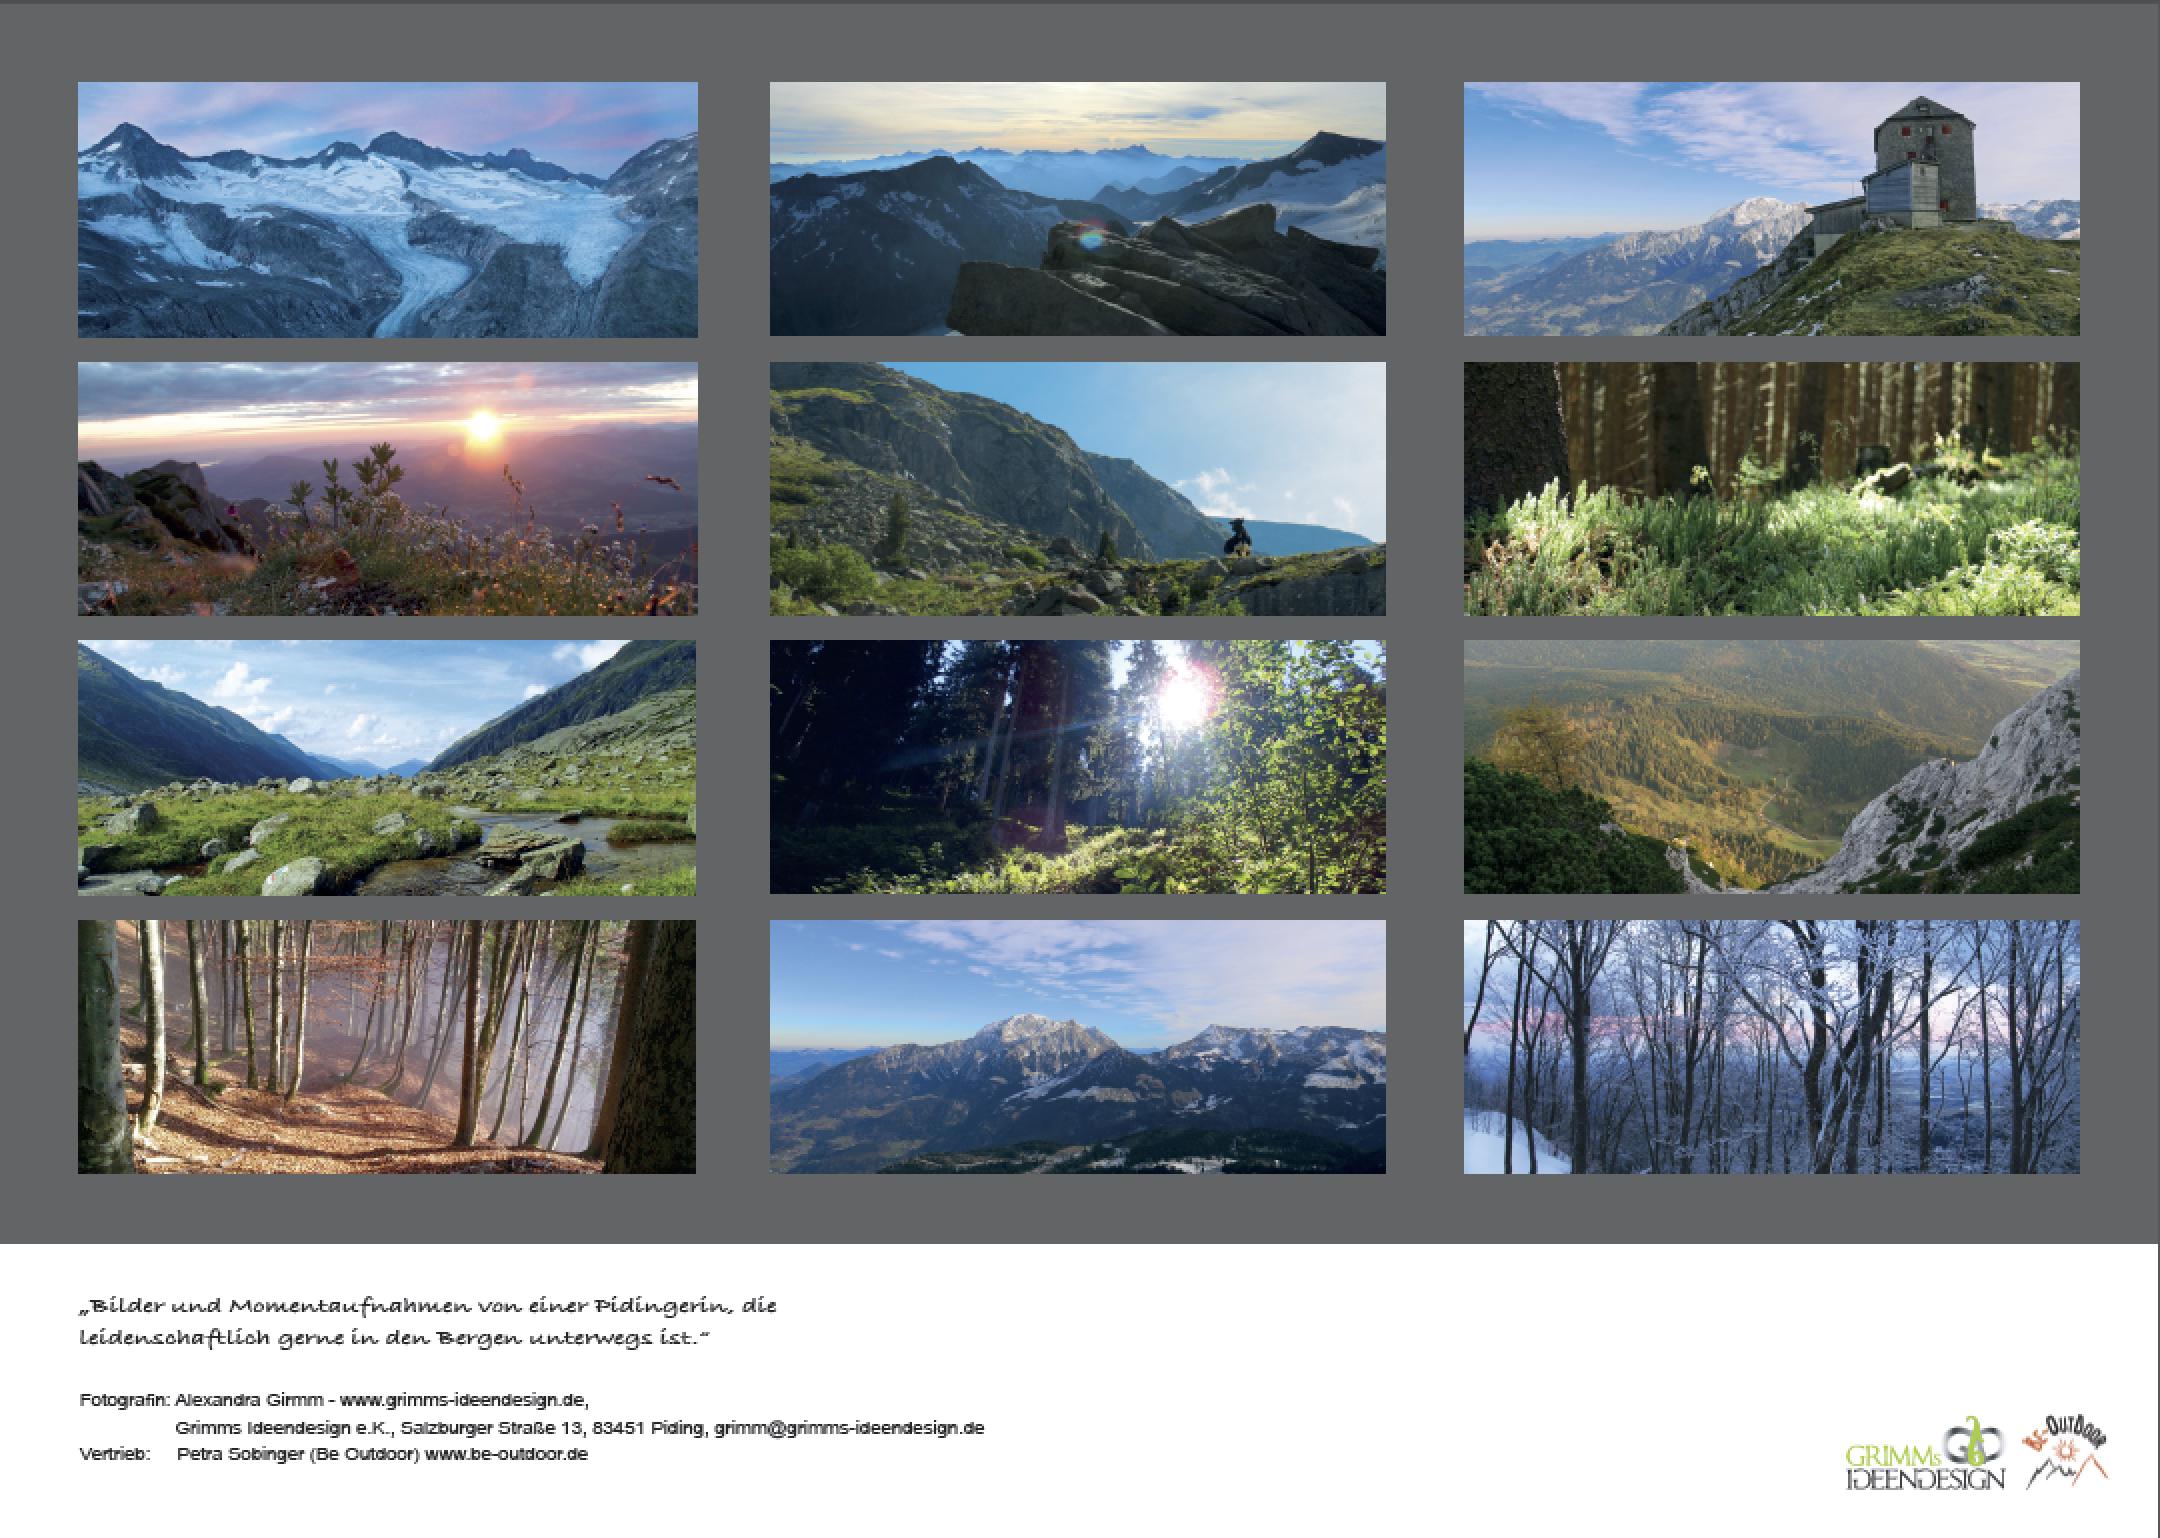 Übersicht - Fotokalender 2018 - Schönheit der Berge von Alexandra Grimm